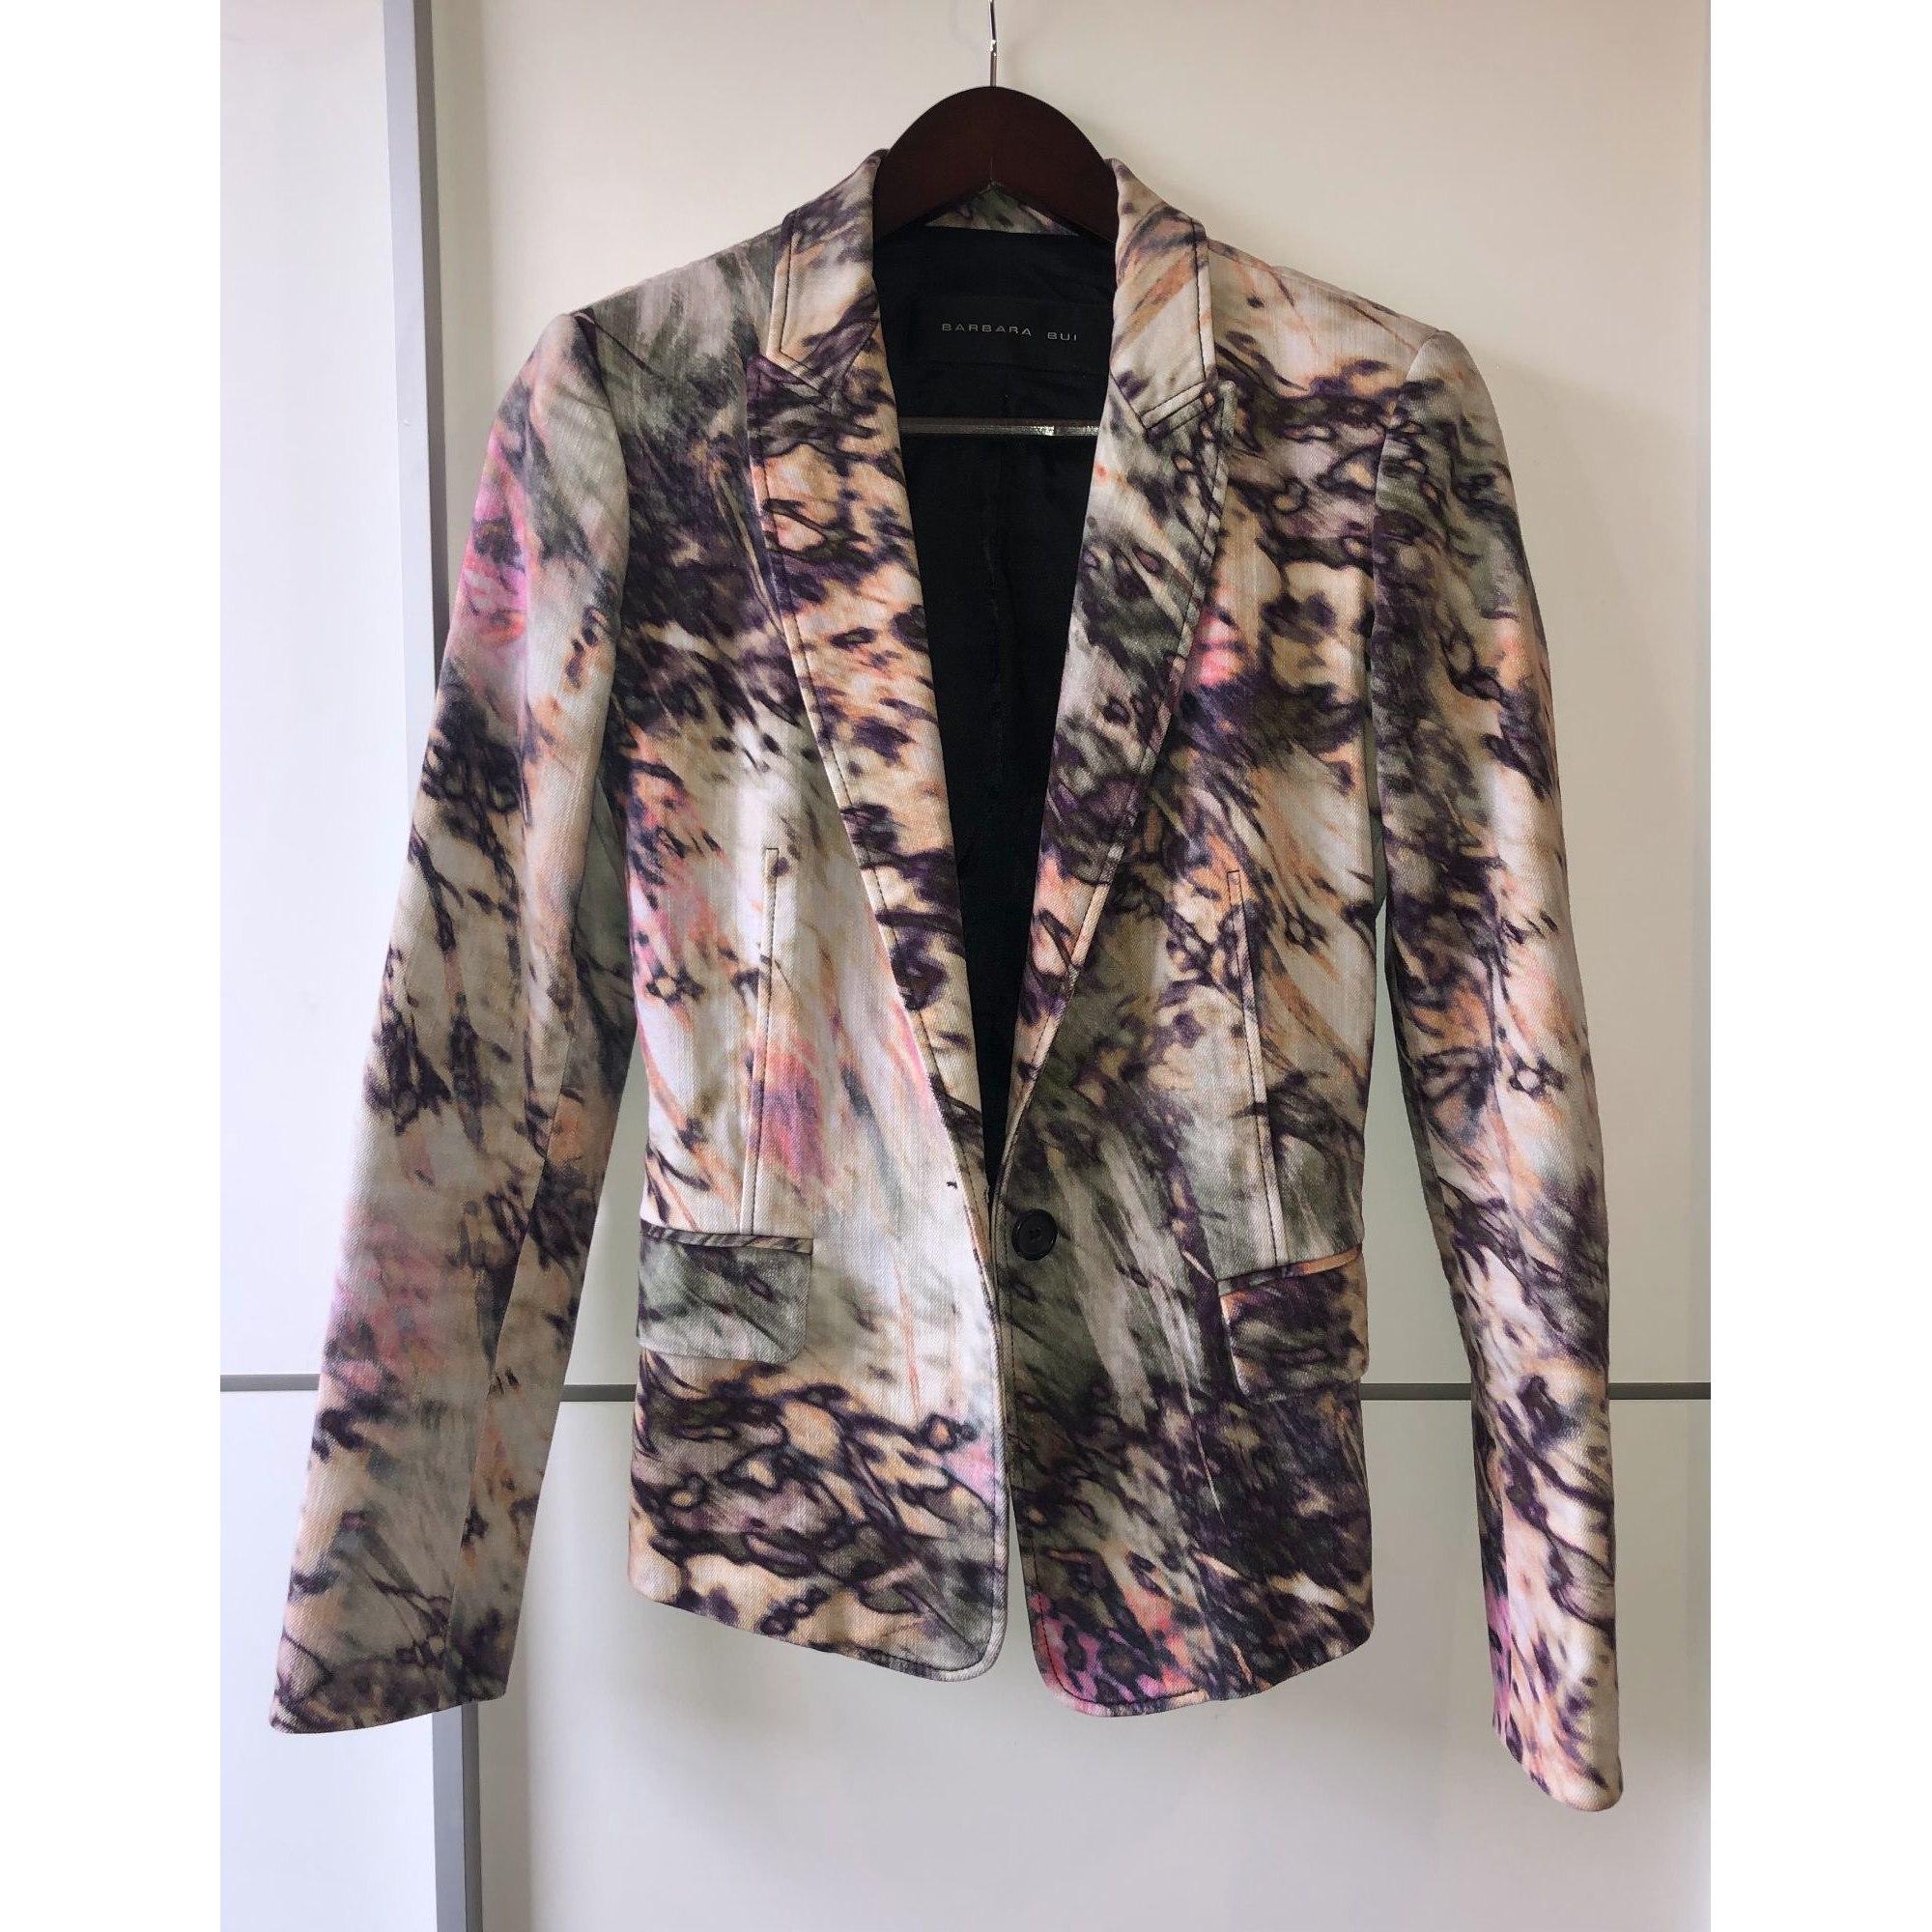 Blazer, veste tailleur BARBARA BUI Multicouleur